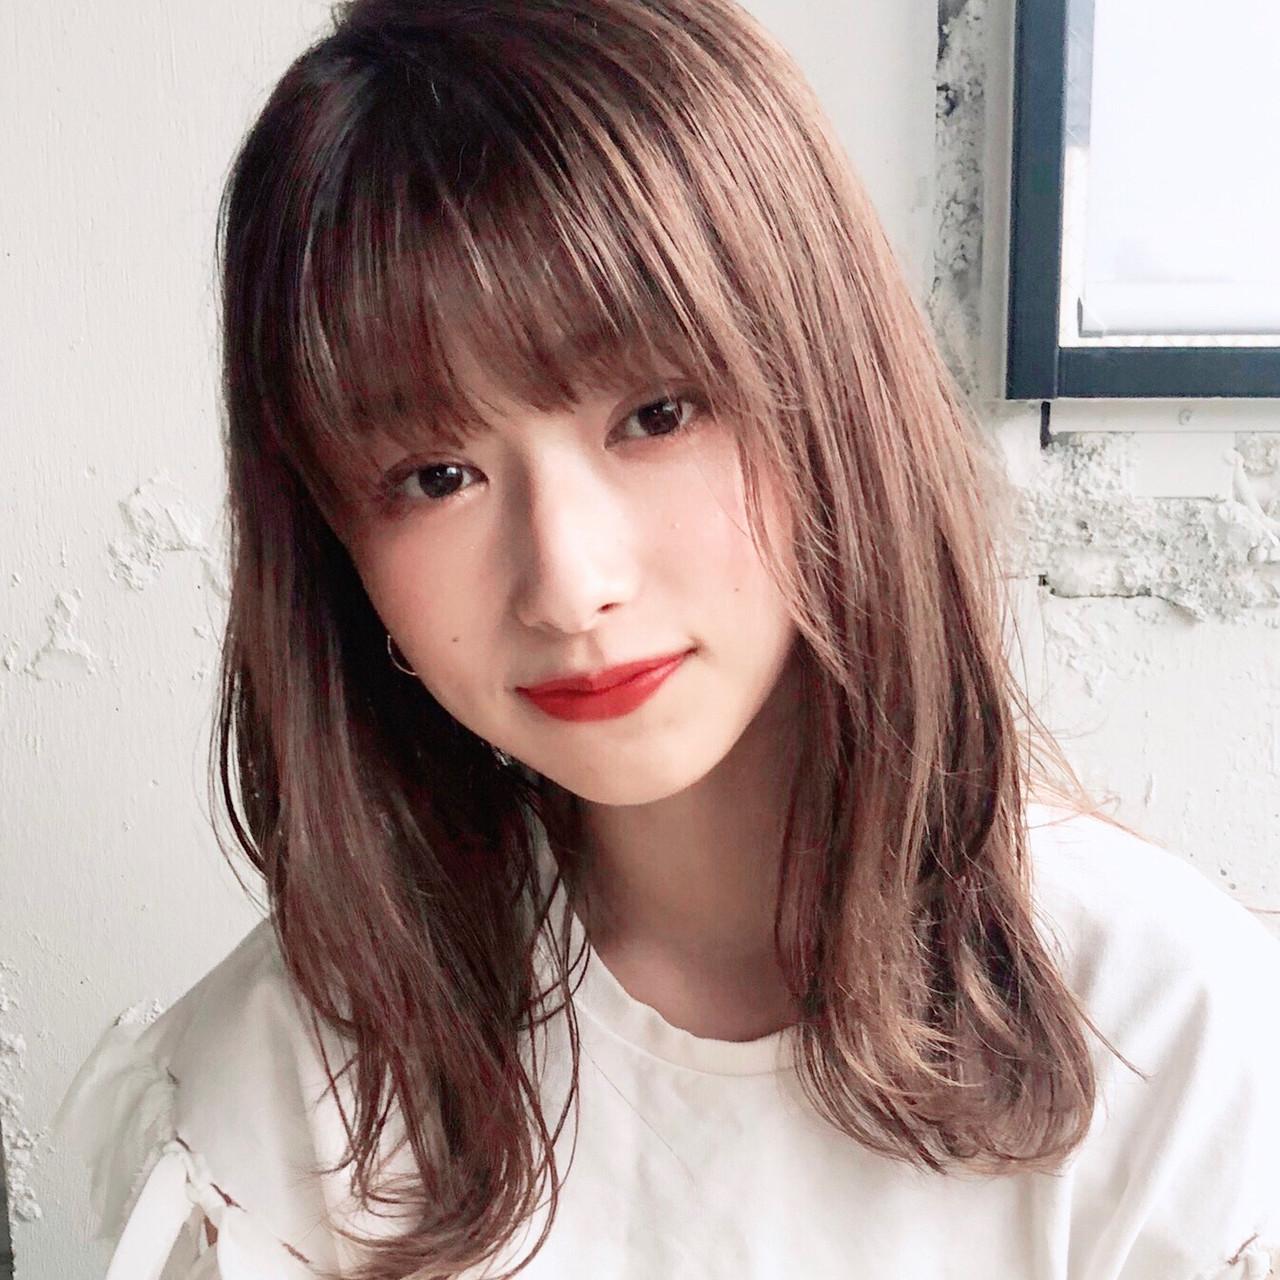 ヘアアレンジ アンニュイほつれヘア ミディアム デジタルパーマ ヘアスタイルや髪型の写真・画像